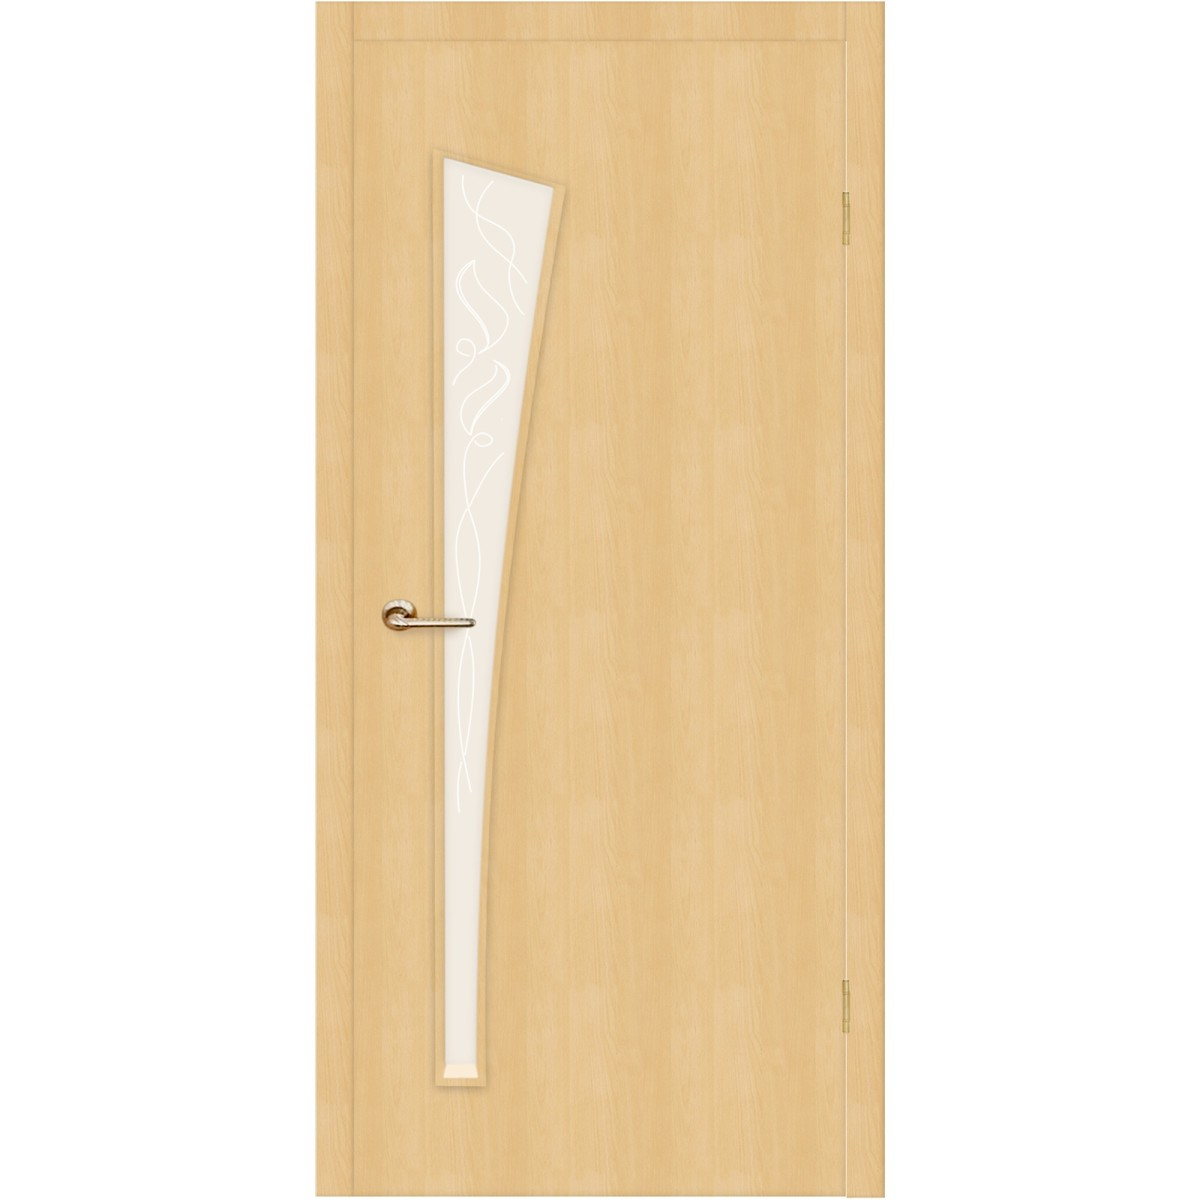 Дверь Межкомнатная Остеклённая Belleza 55x200 Ламинация Цвет Дуб Белый